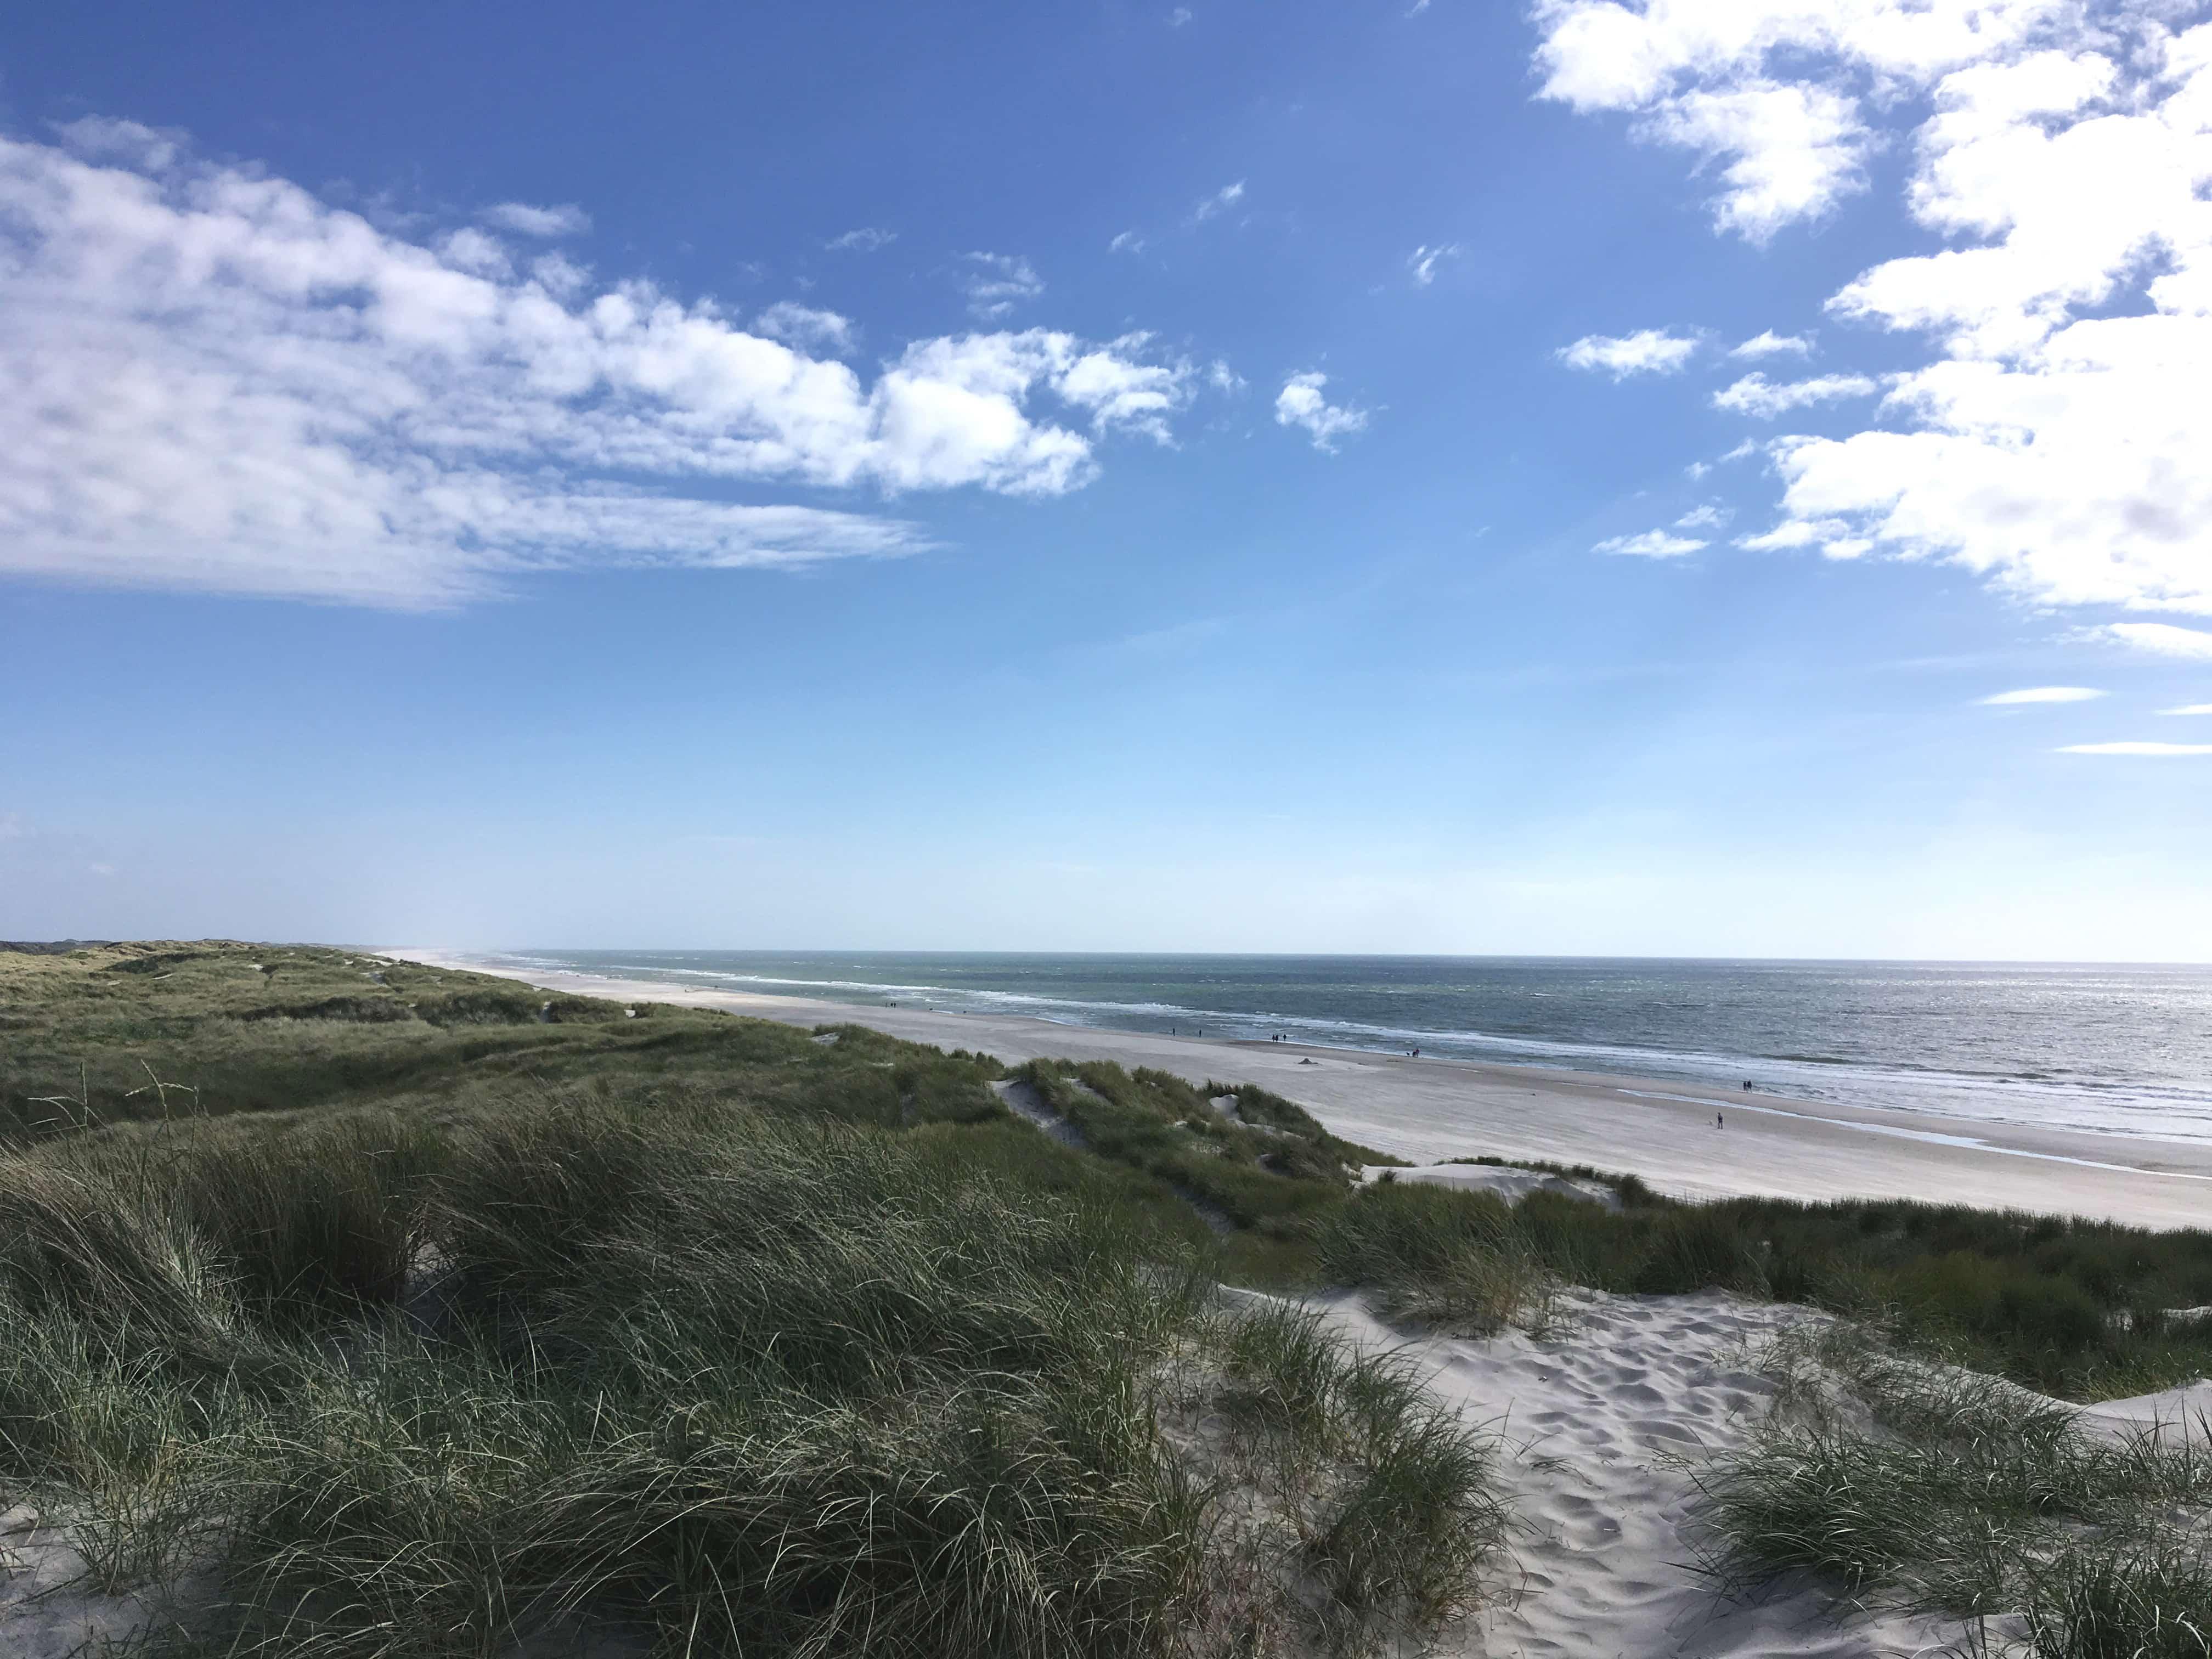 Briefe Nach Dänemark : Sup tour dänemark nymindegab nach henne und zurück